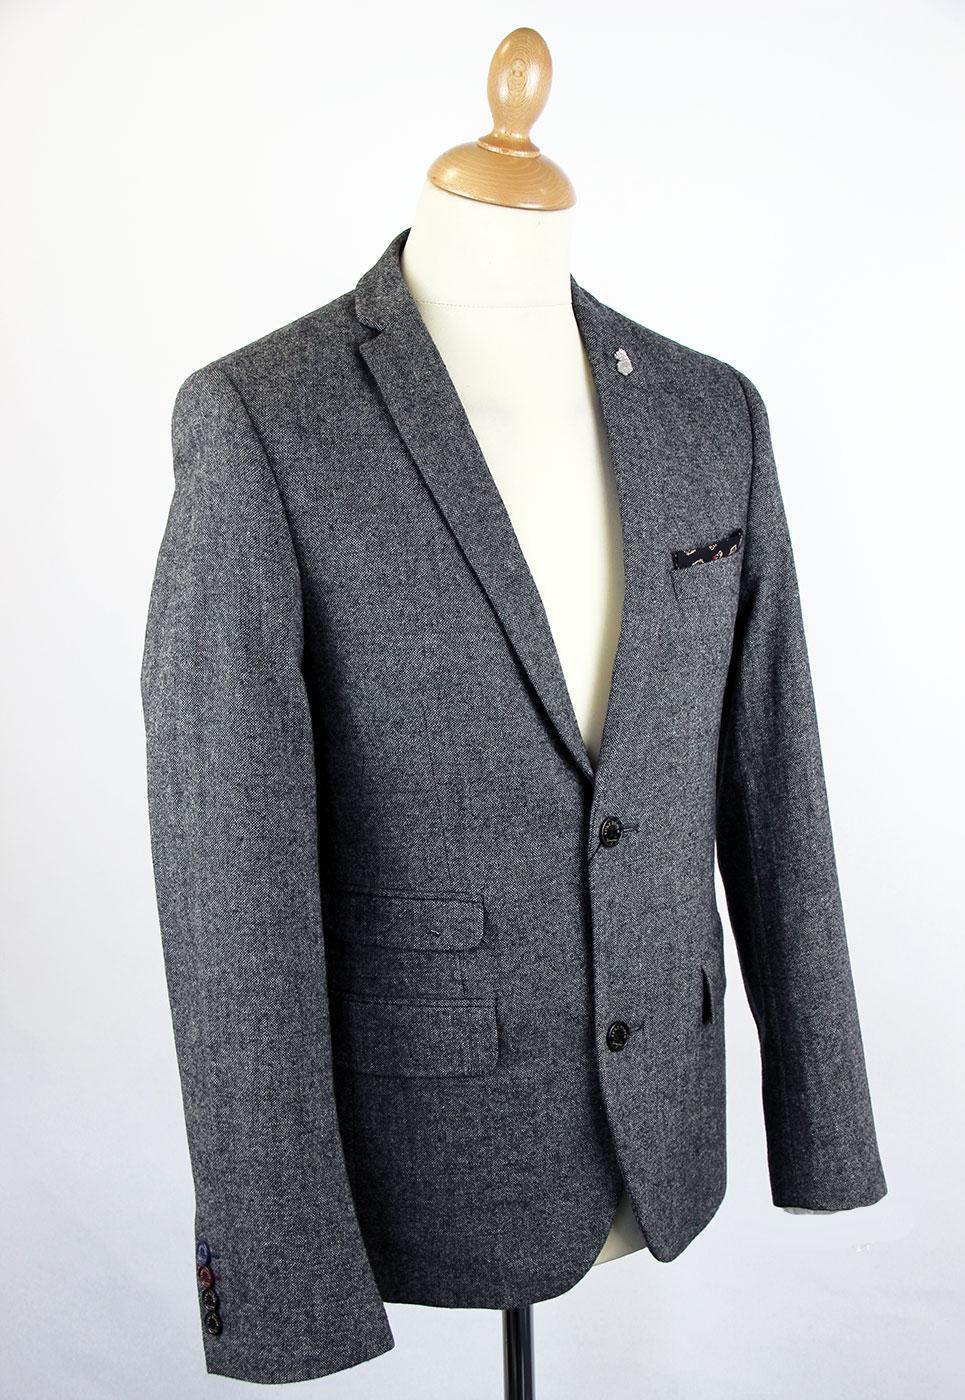 LUKE 1977 Soeron Retro 60s Mod Tailored Donegal Blazer Jacket 535678a0c